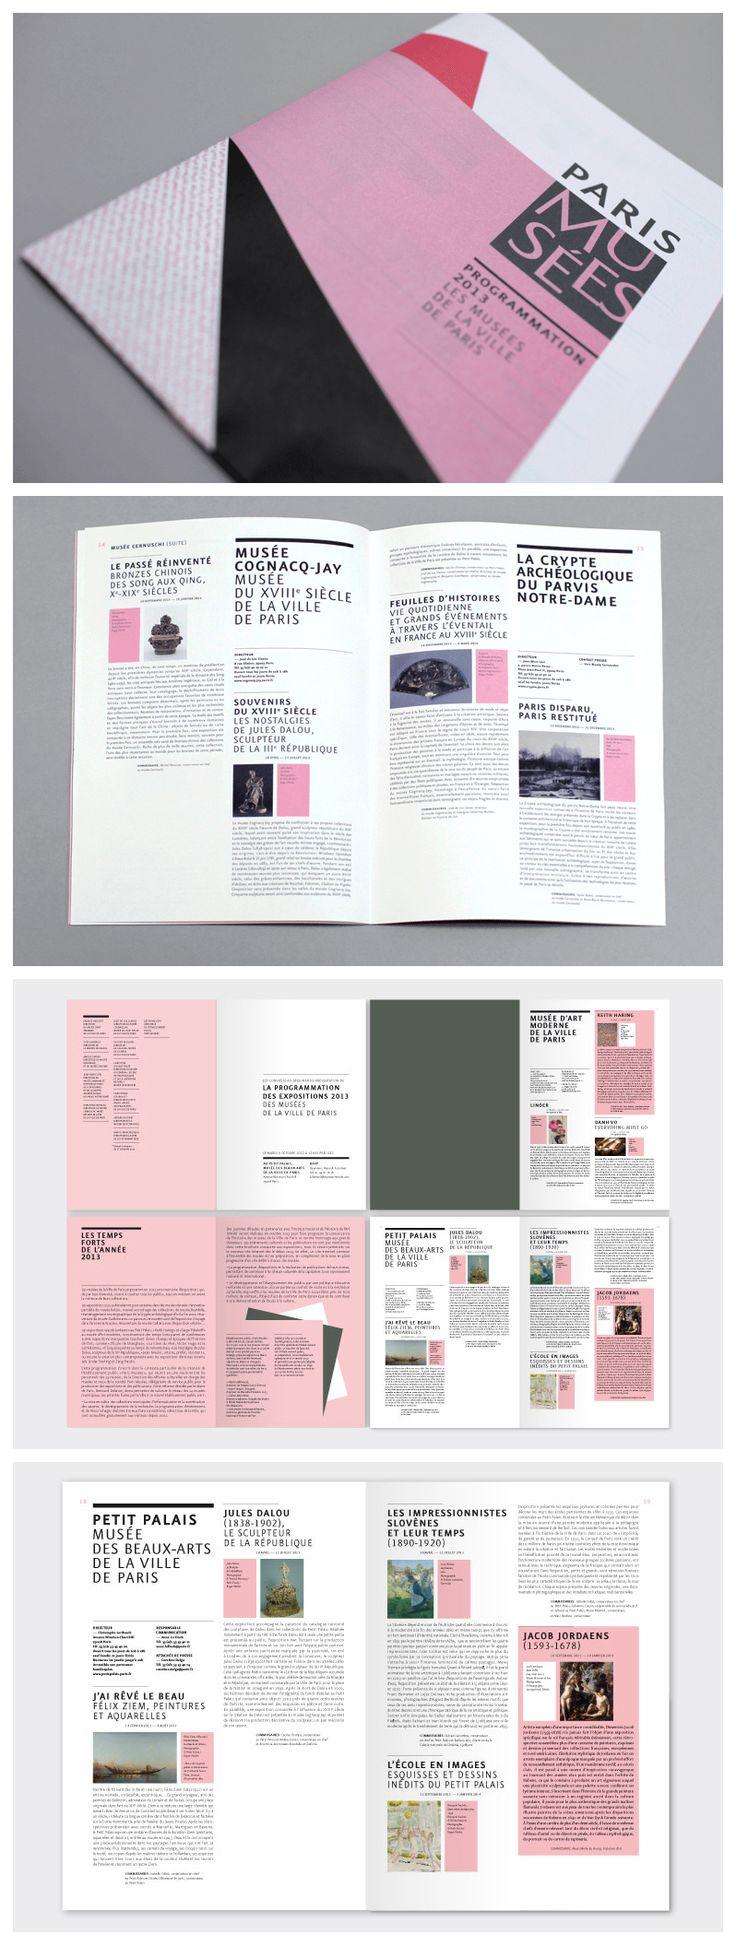 design by Des Signes http://des-signes.fr/PARIS-MUSEES-les-musees-de-la,55